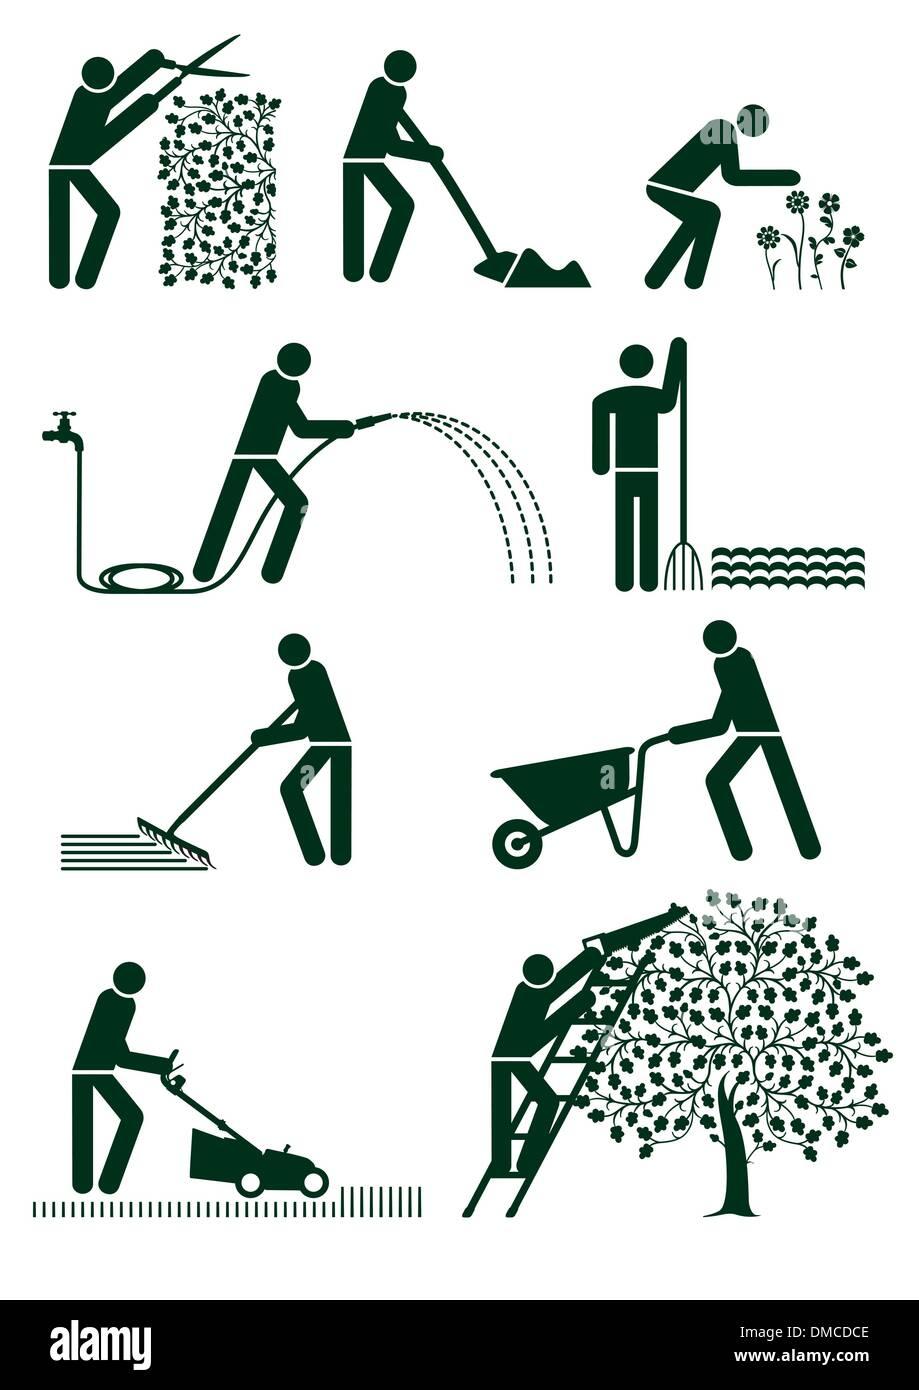 Gardening pictogram - Stock Image